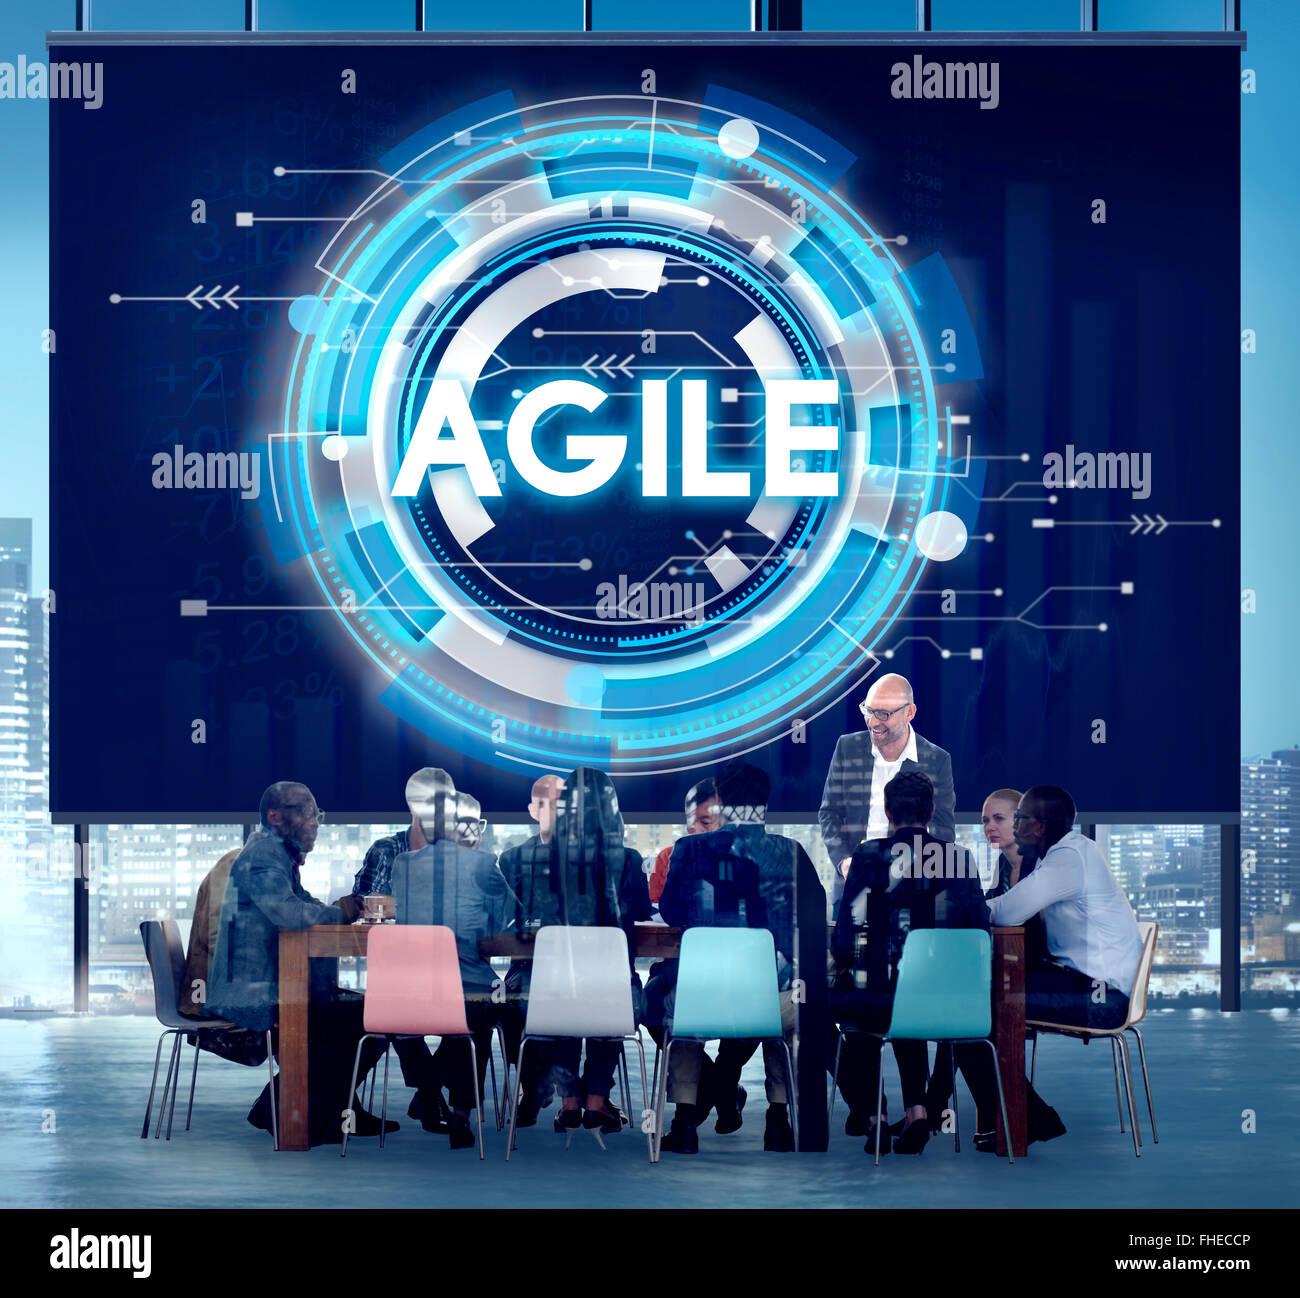 Agile e veloce veloce tecnologia agile il concetto di agilità Immagini Stock